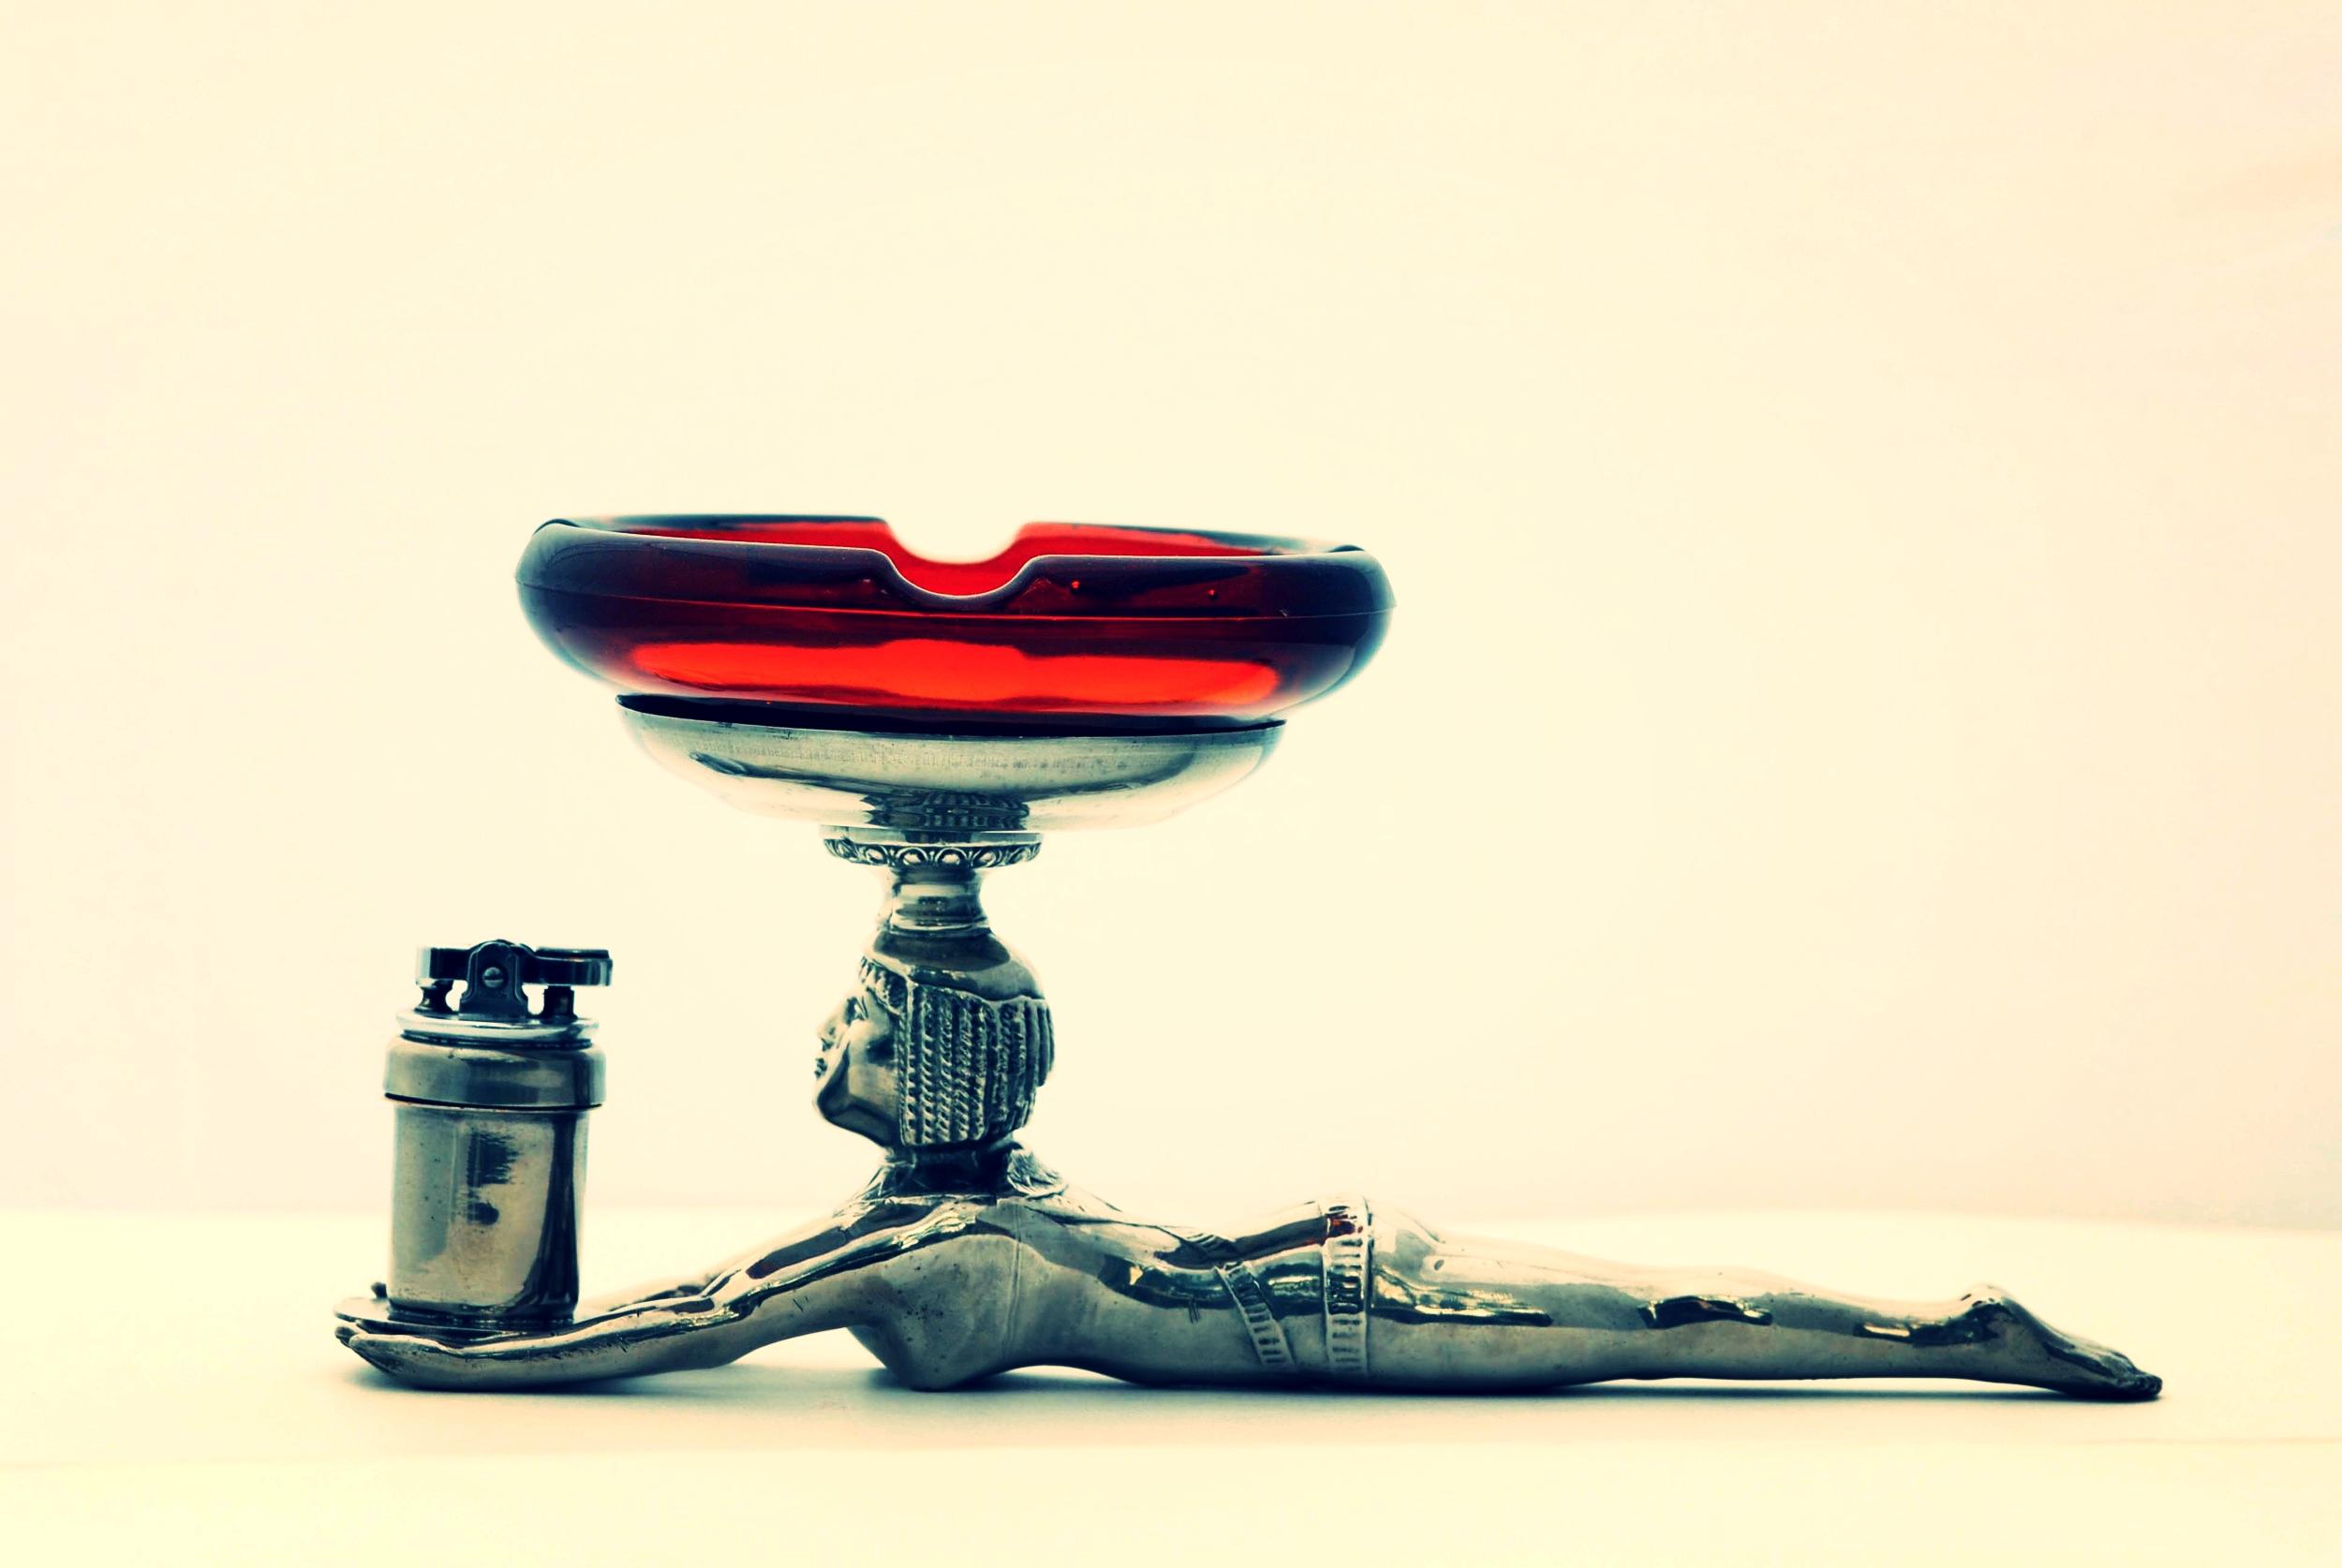 Design: Evans Lighter Set